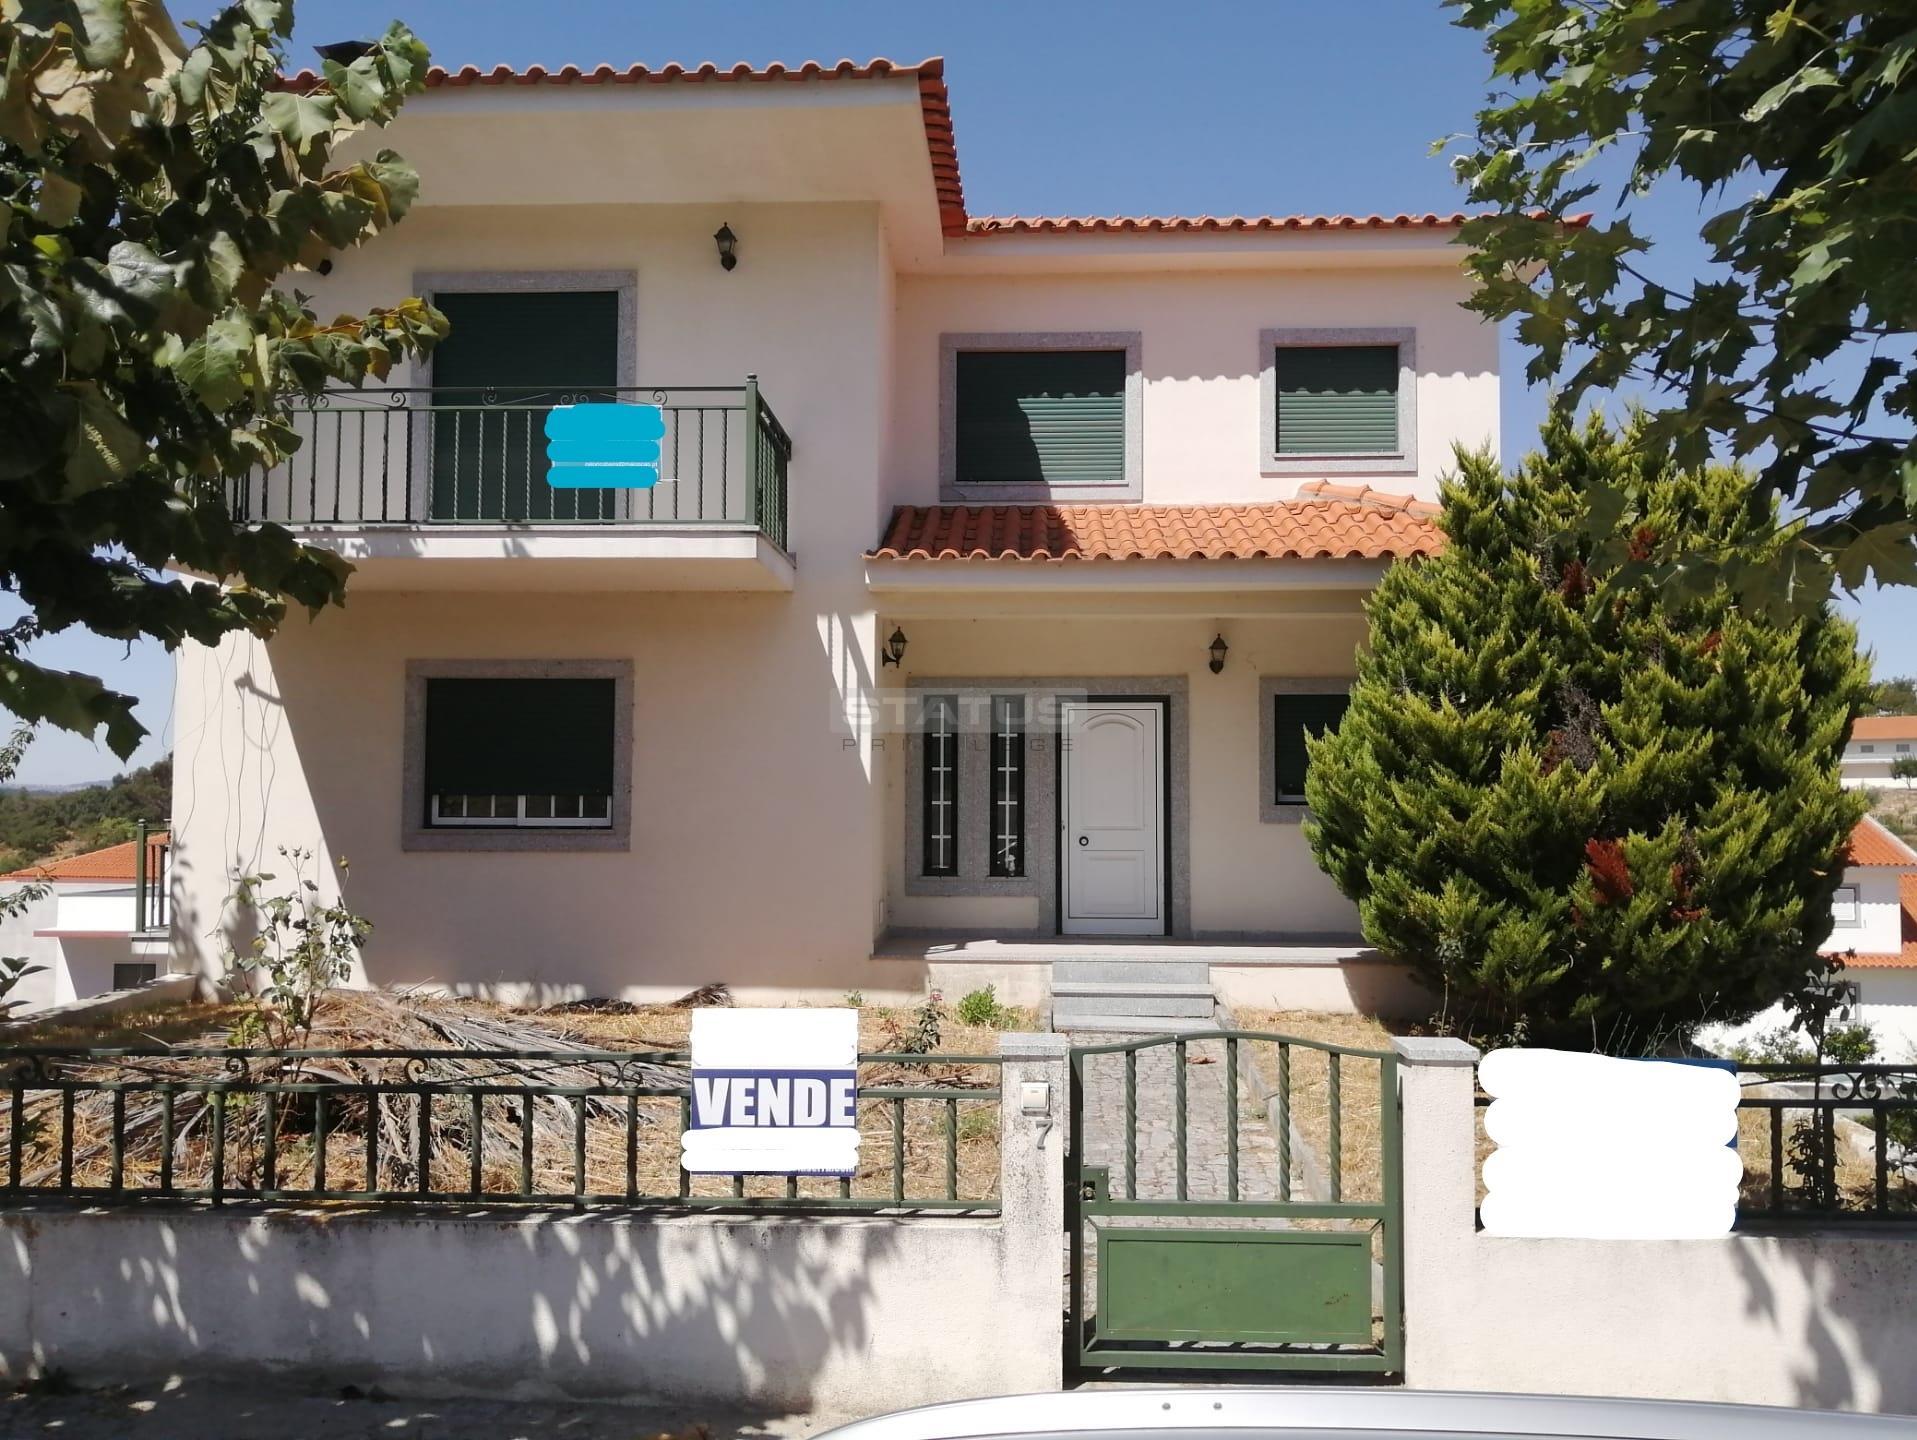 OPORTUNIDADE! Moradia Isolada T4 com Garagem e Jardim em Lote de 610 m2 em Casas do Soeiro